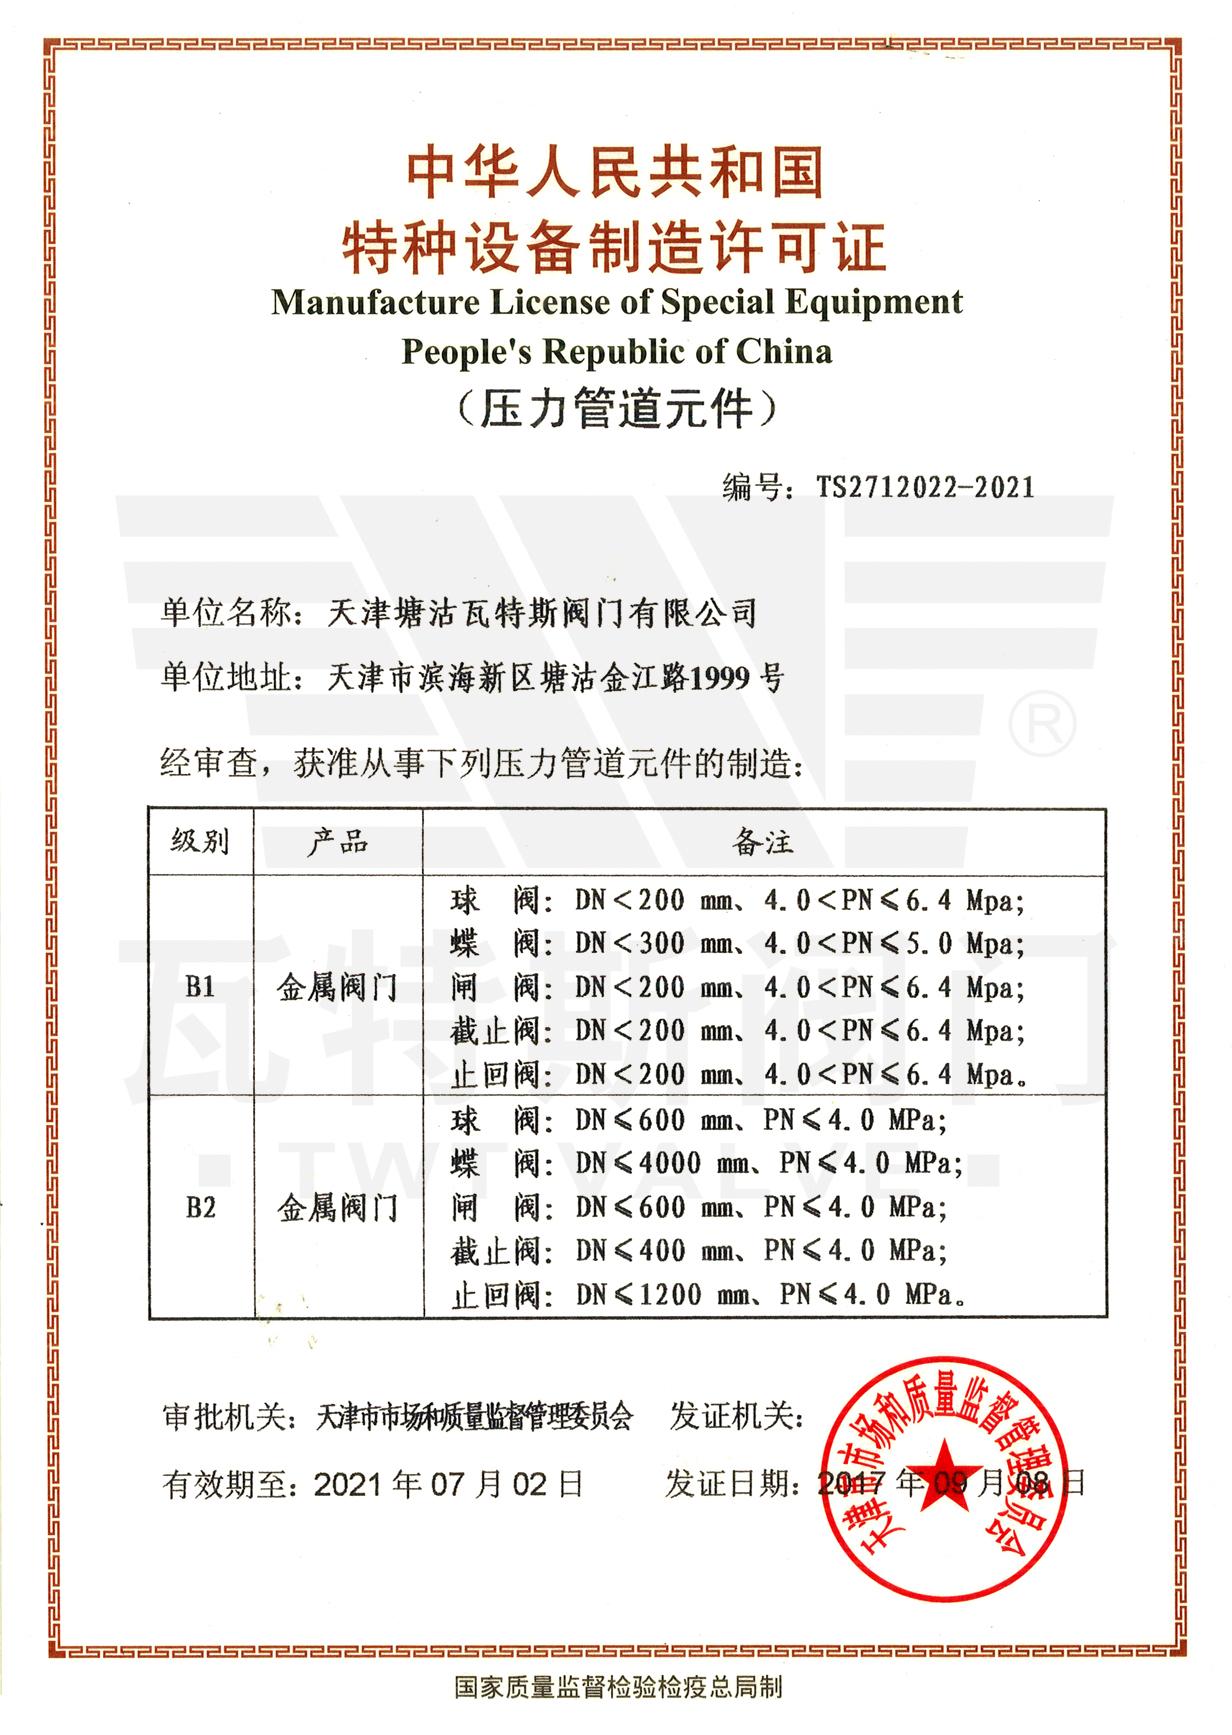 特种设备生产许可证(压力管道元件)